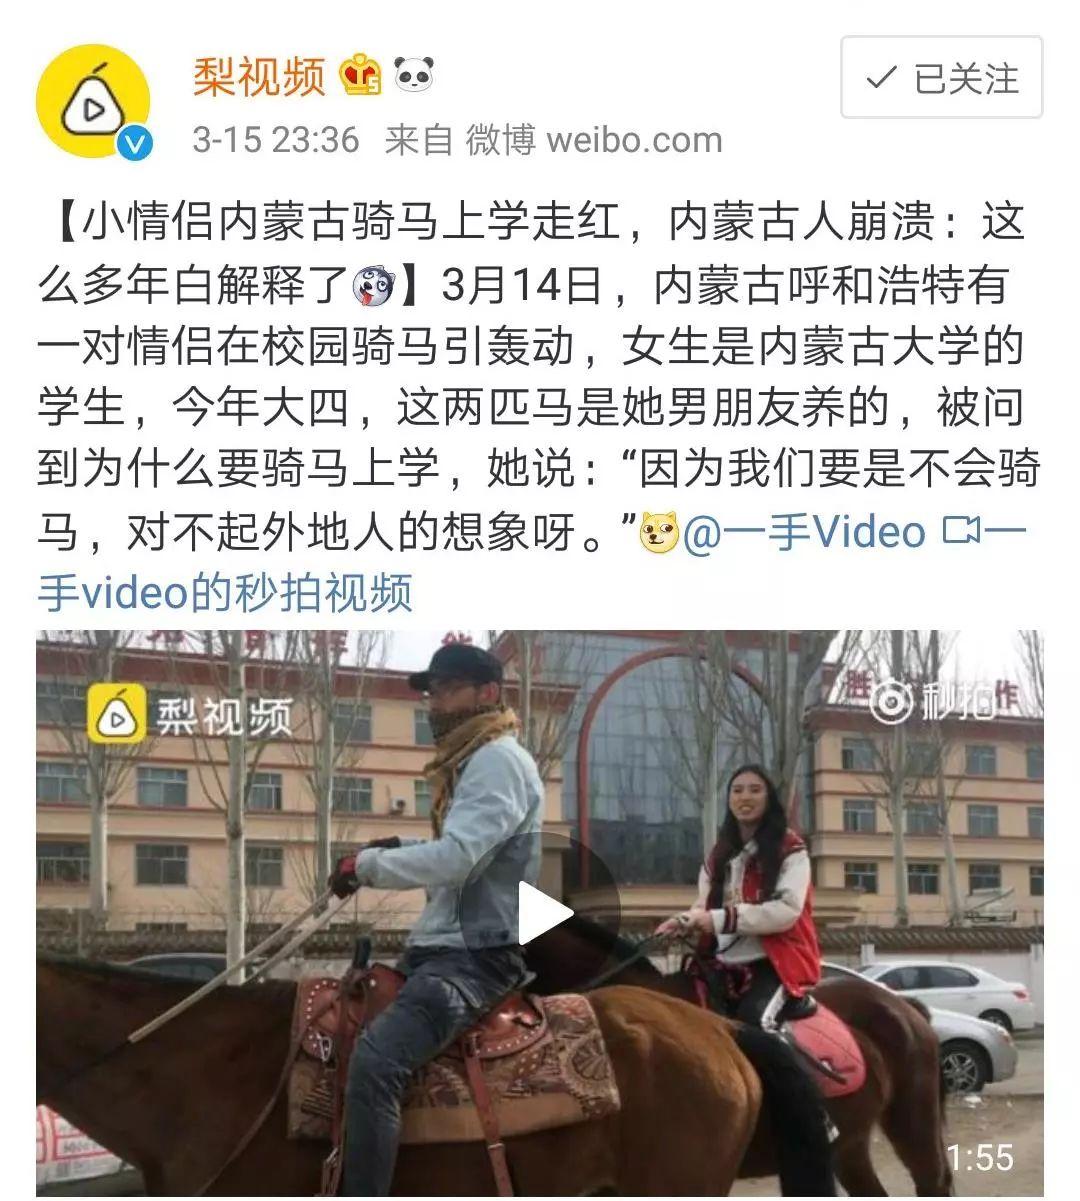 内蒙古大学生骑马上学:不会骑对不起外地人想象